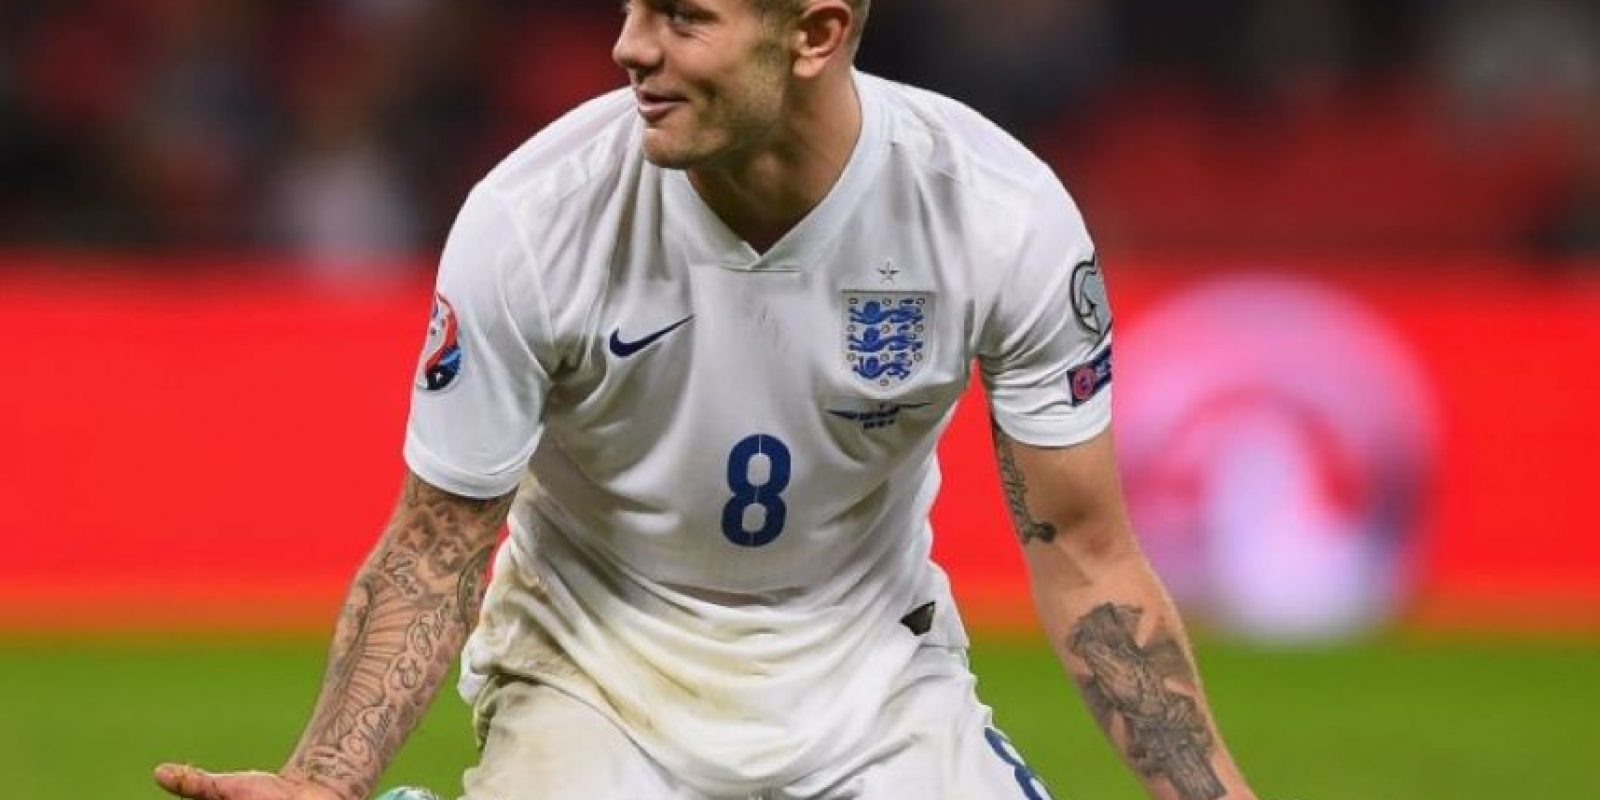 Lo primero que salta a la vista del inglés son sus brazos llenos de tattoos. Foto:Getty Images